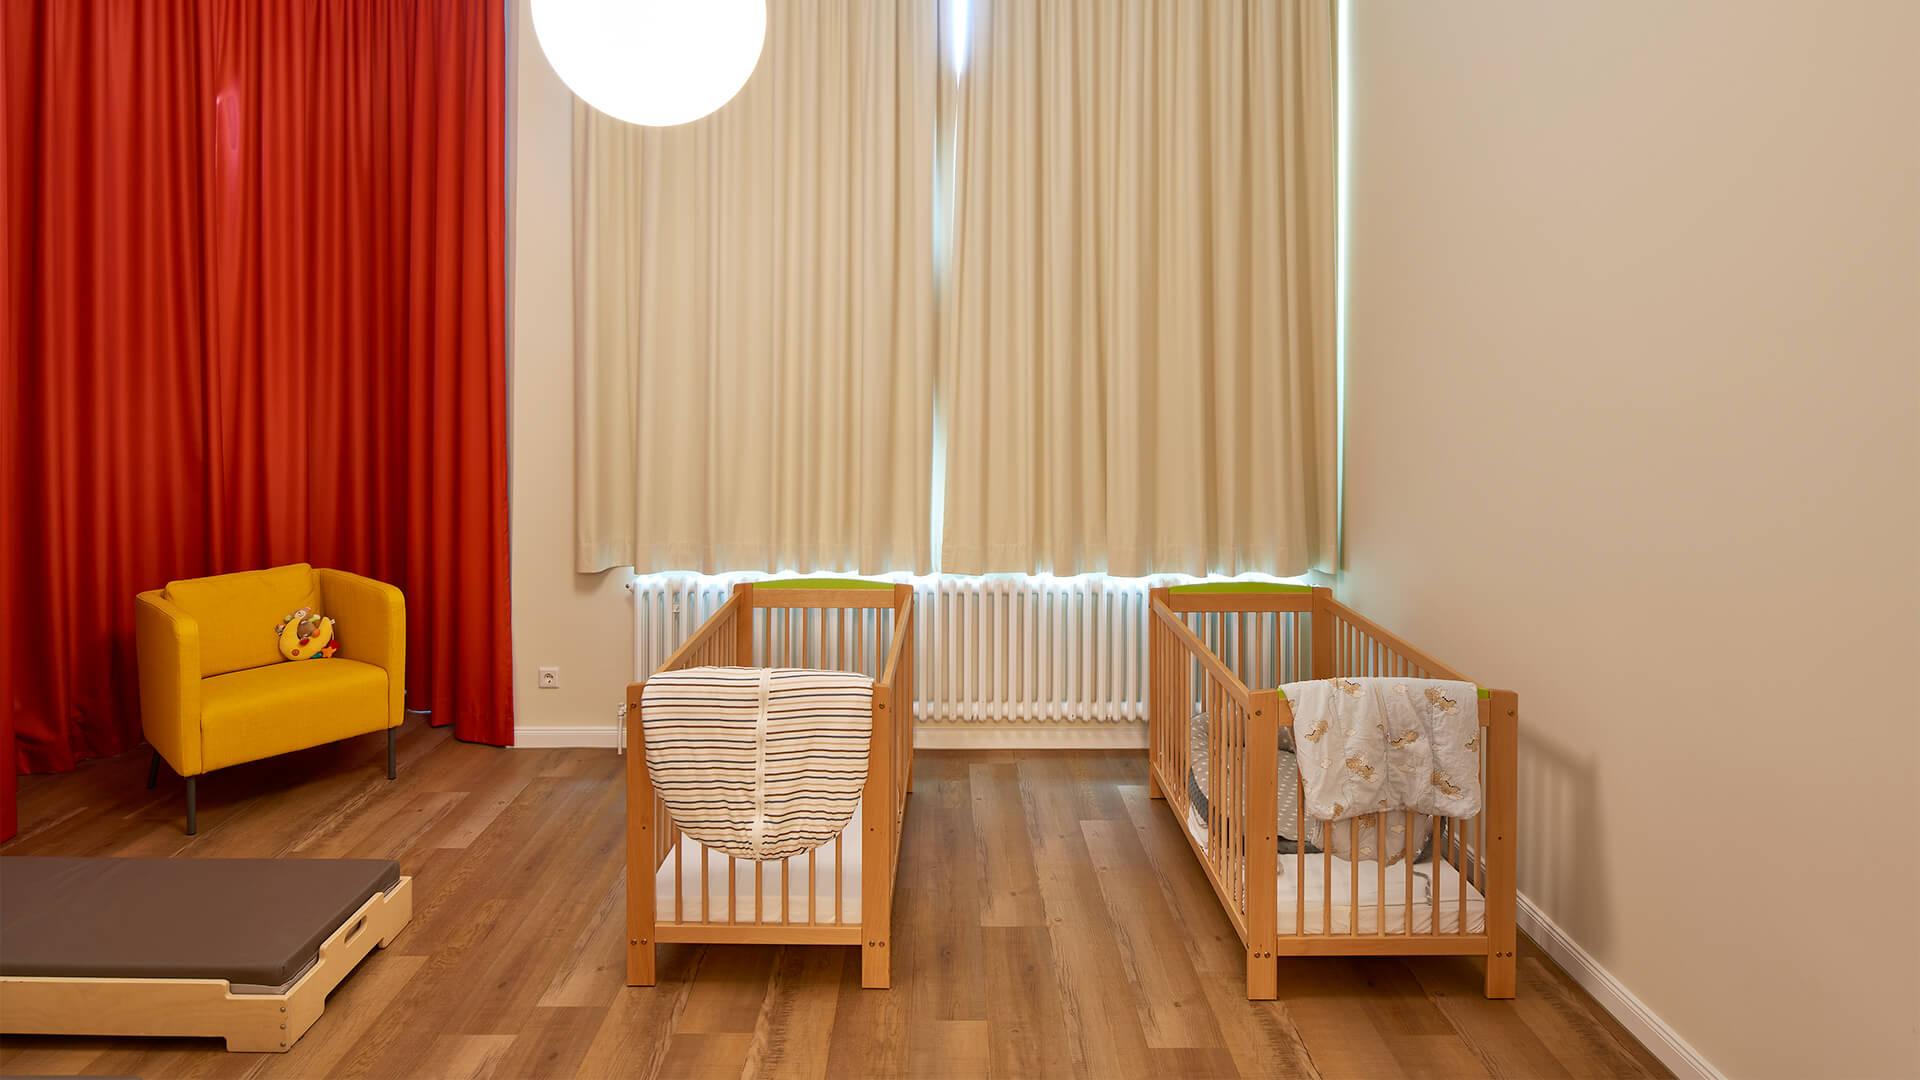 Ruheraum der Kindertagesstätte, mit warmen Farben